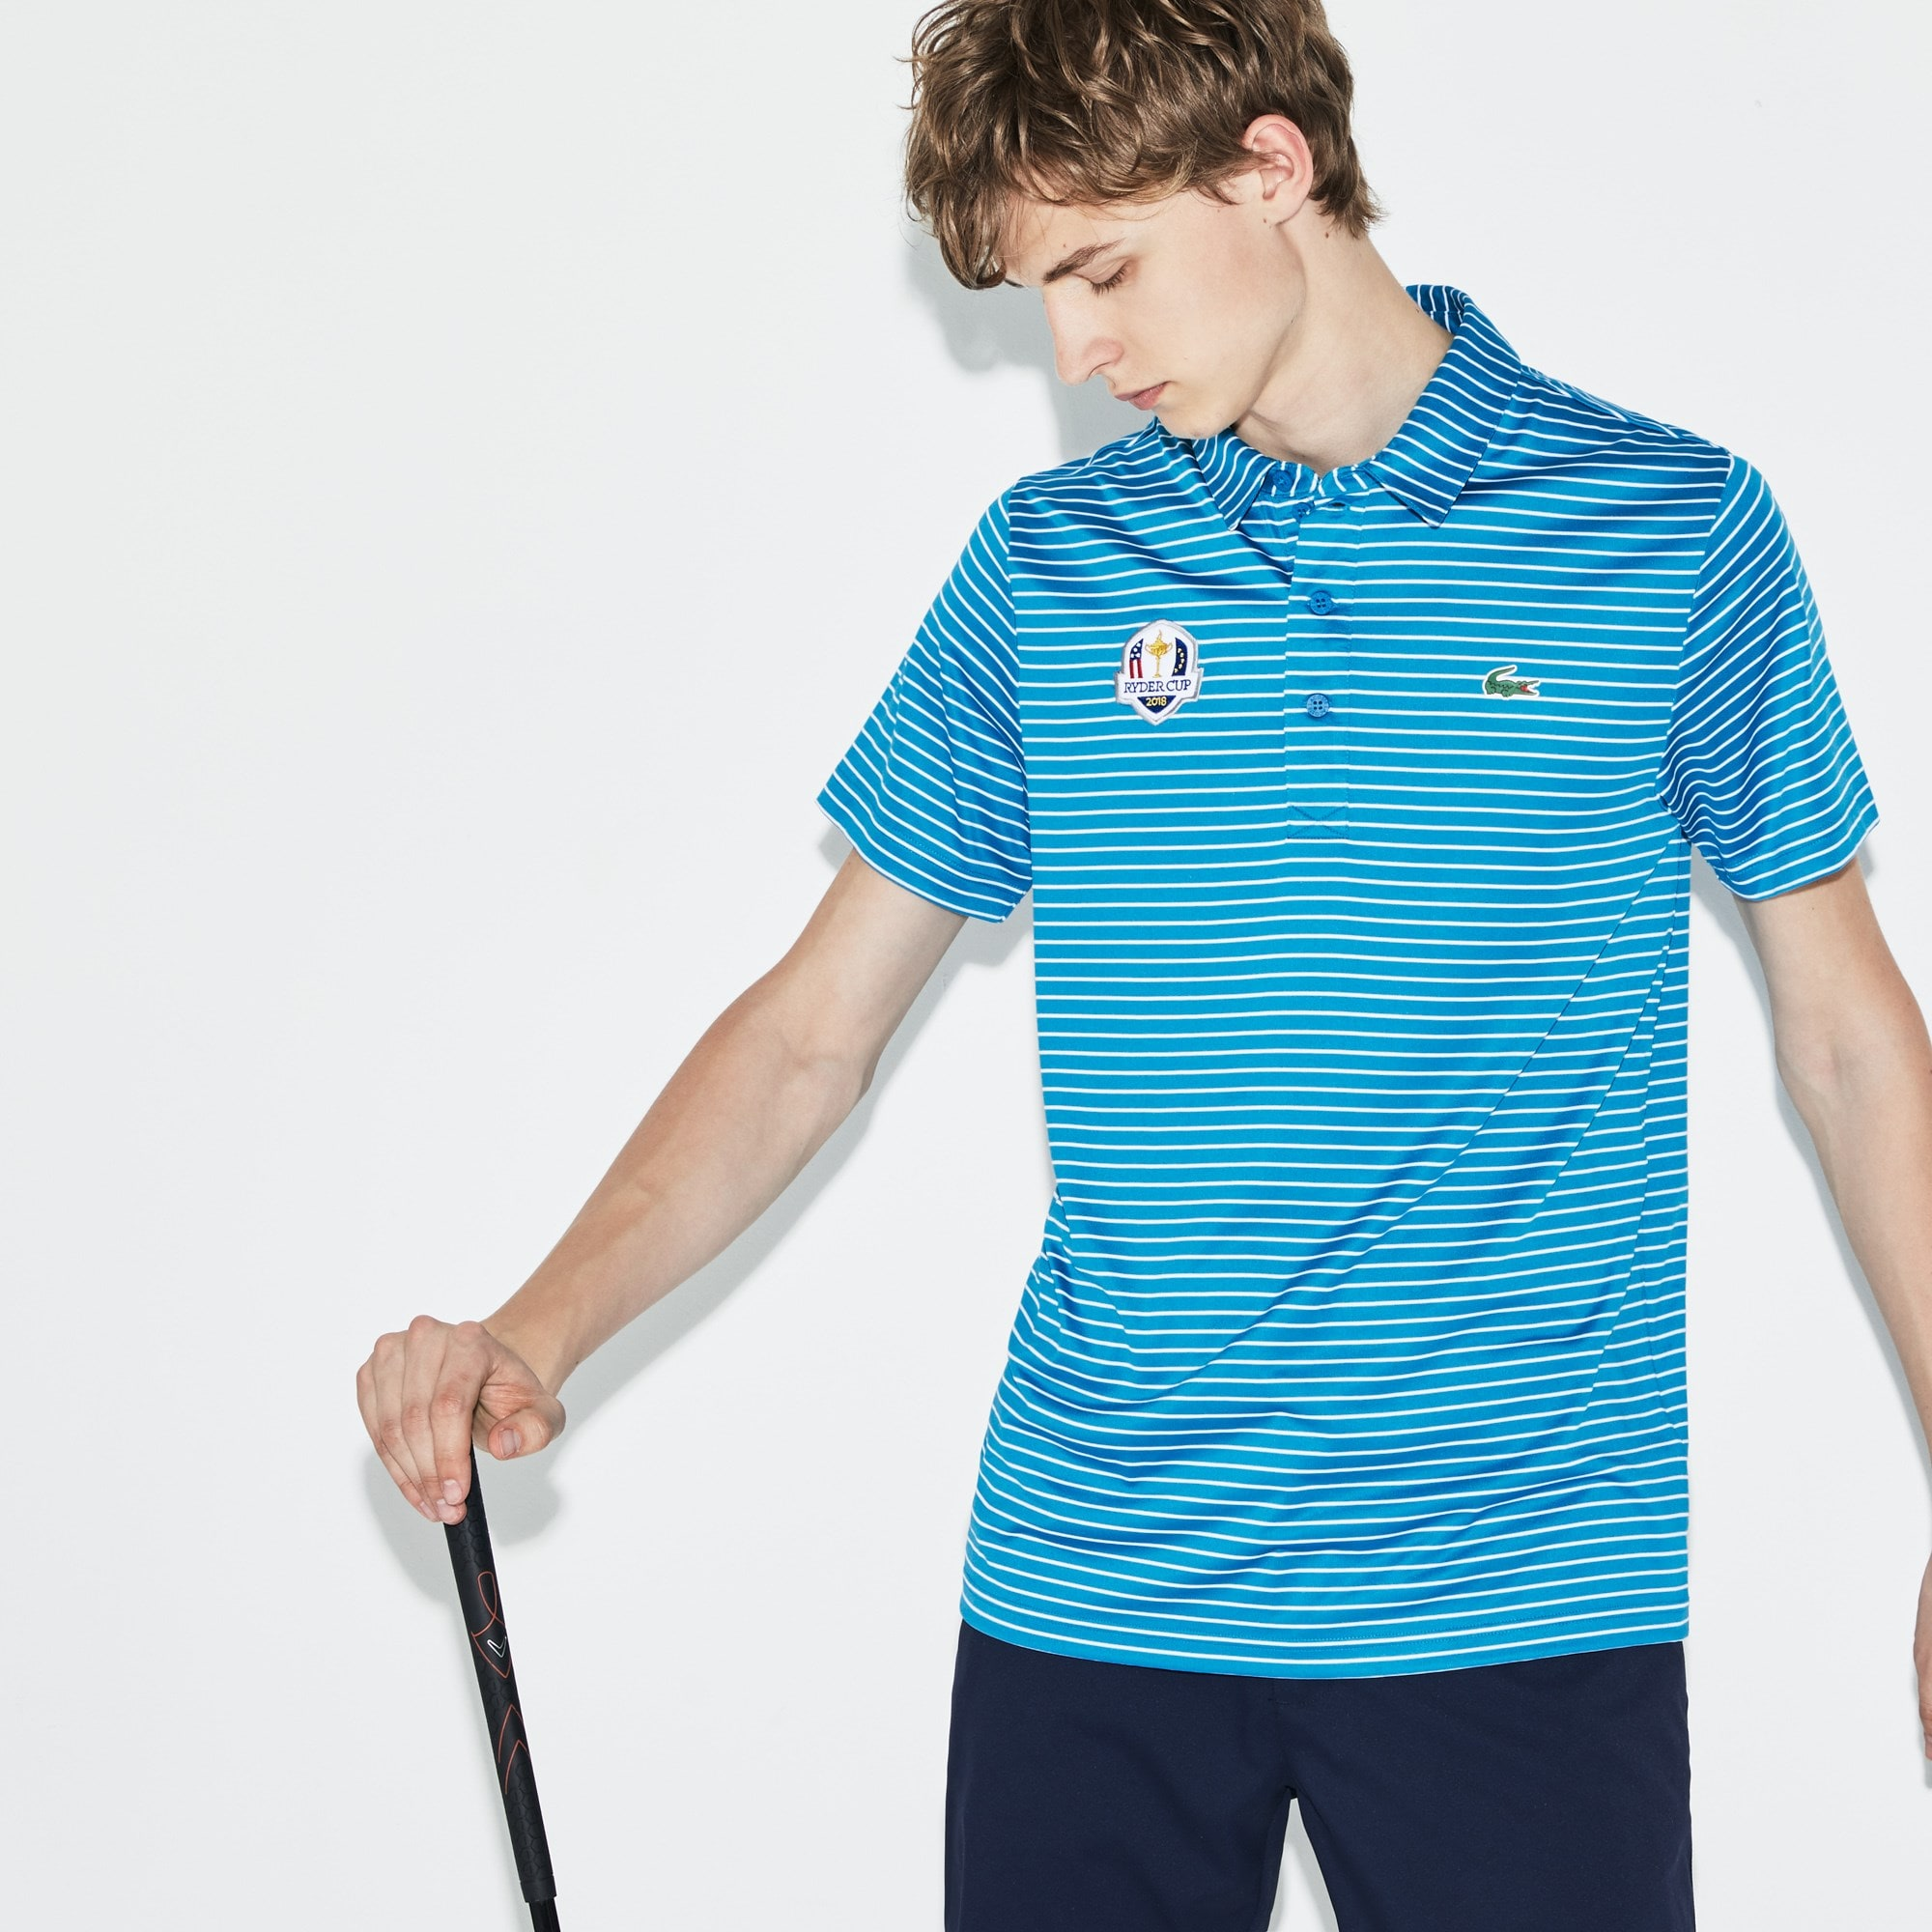 Polo Golf Lacoste SPORT de punto jersey elástico de rayas Edición Ryder Cup